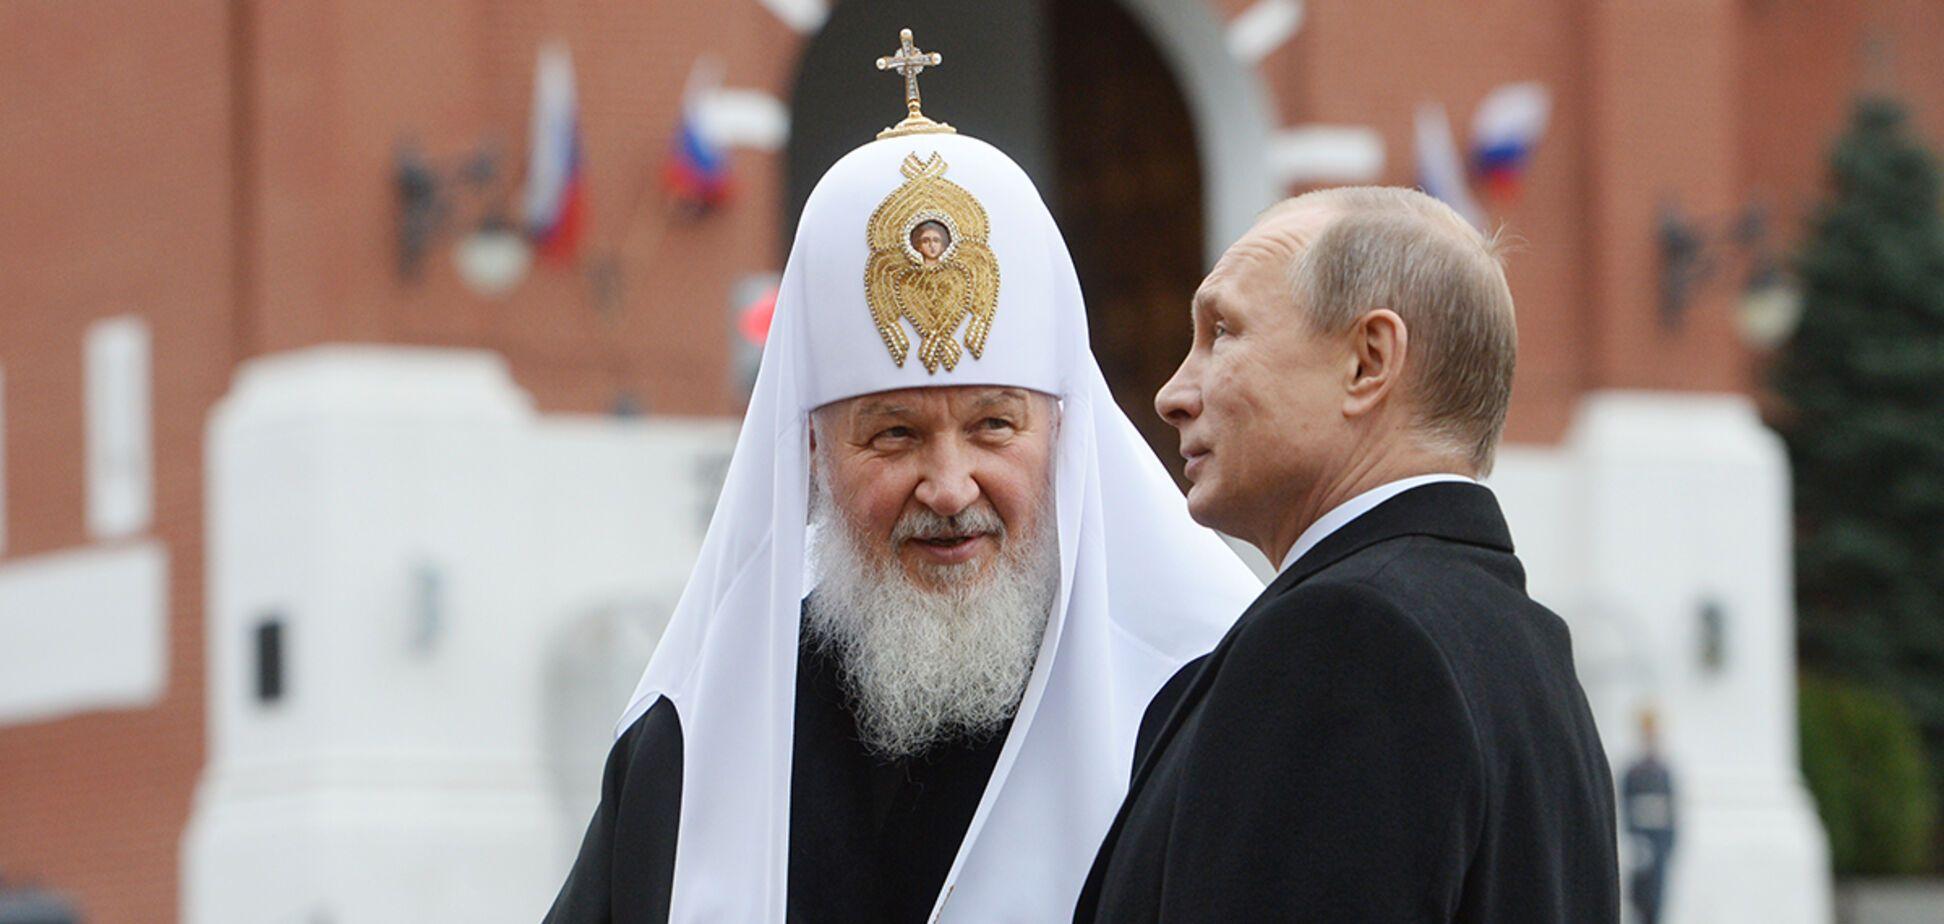 Патриарх Кирилл потерпел крах, его эпоха подходит к концу